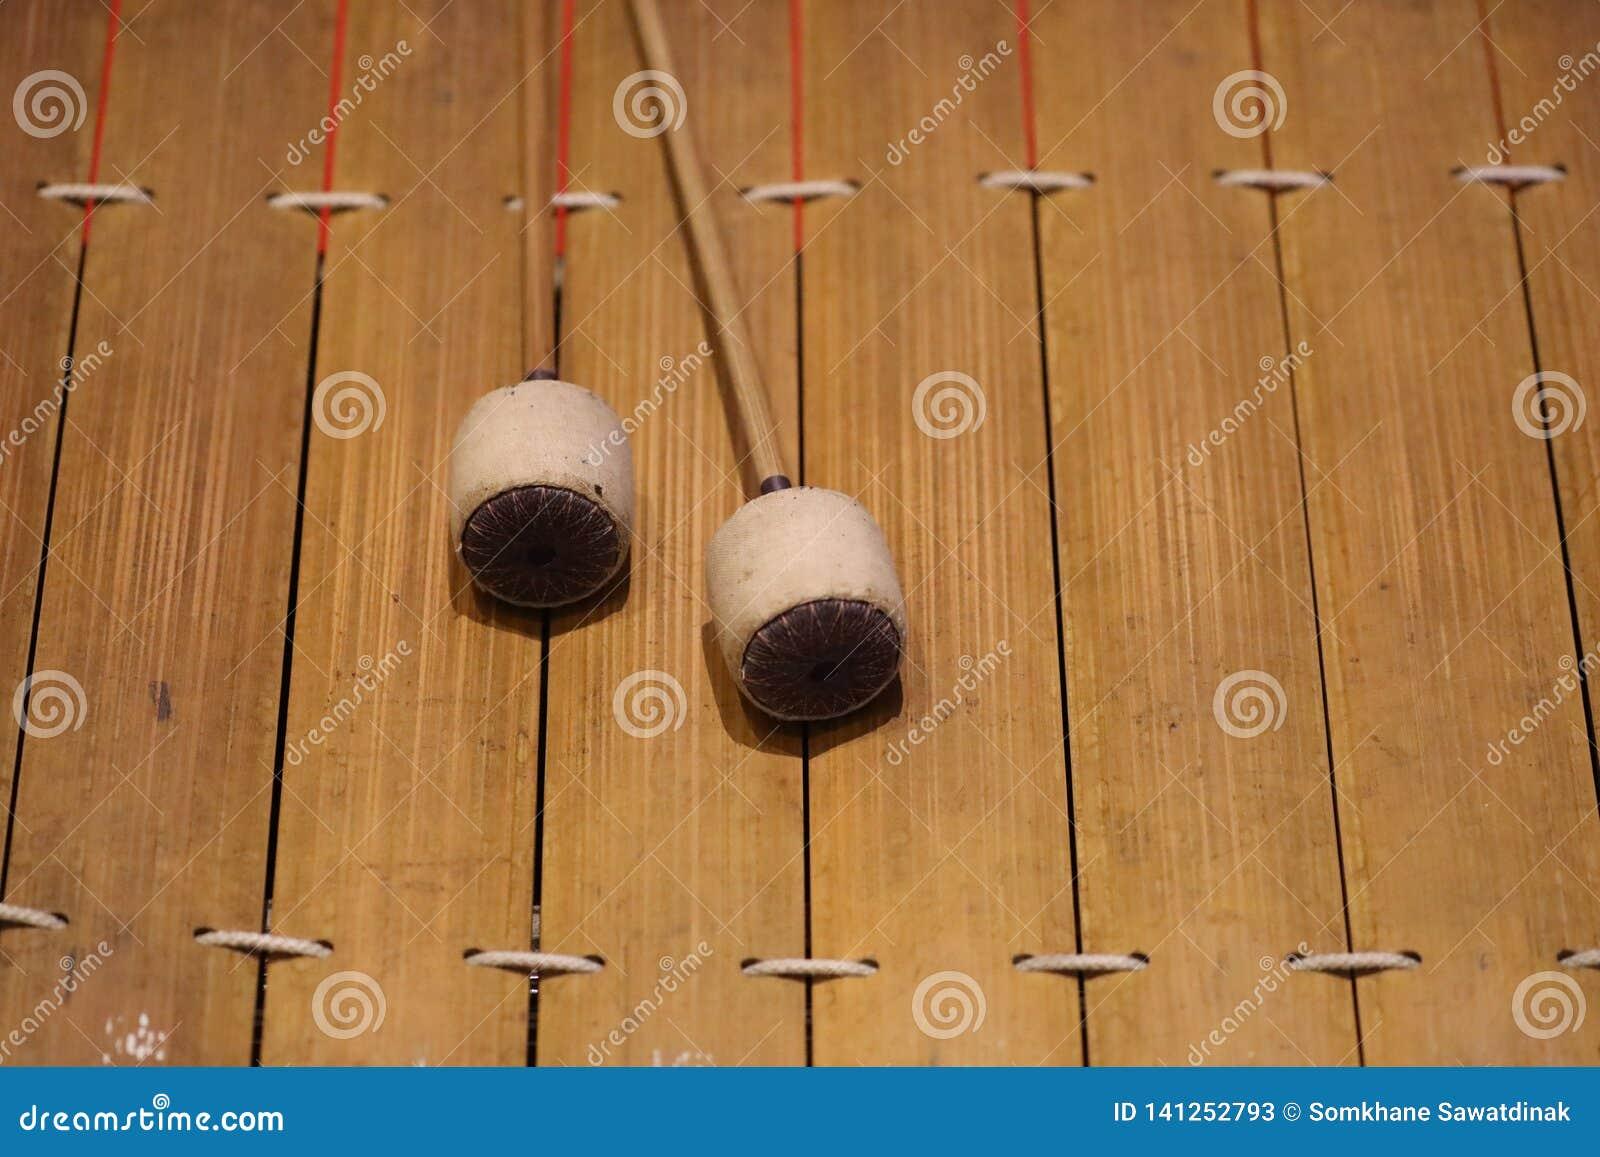 Ксилофон музыкальный инструмент в семье выстукивания которая состоит из деревянных баров